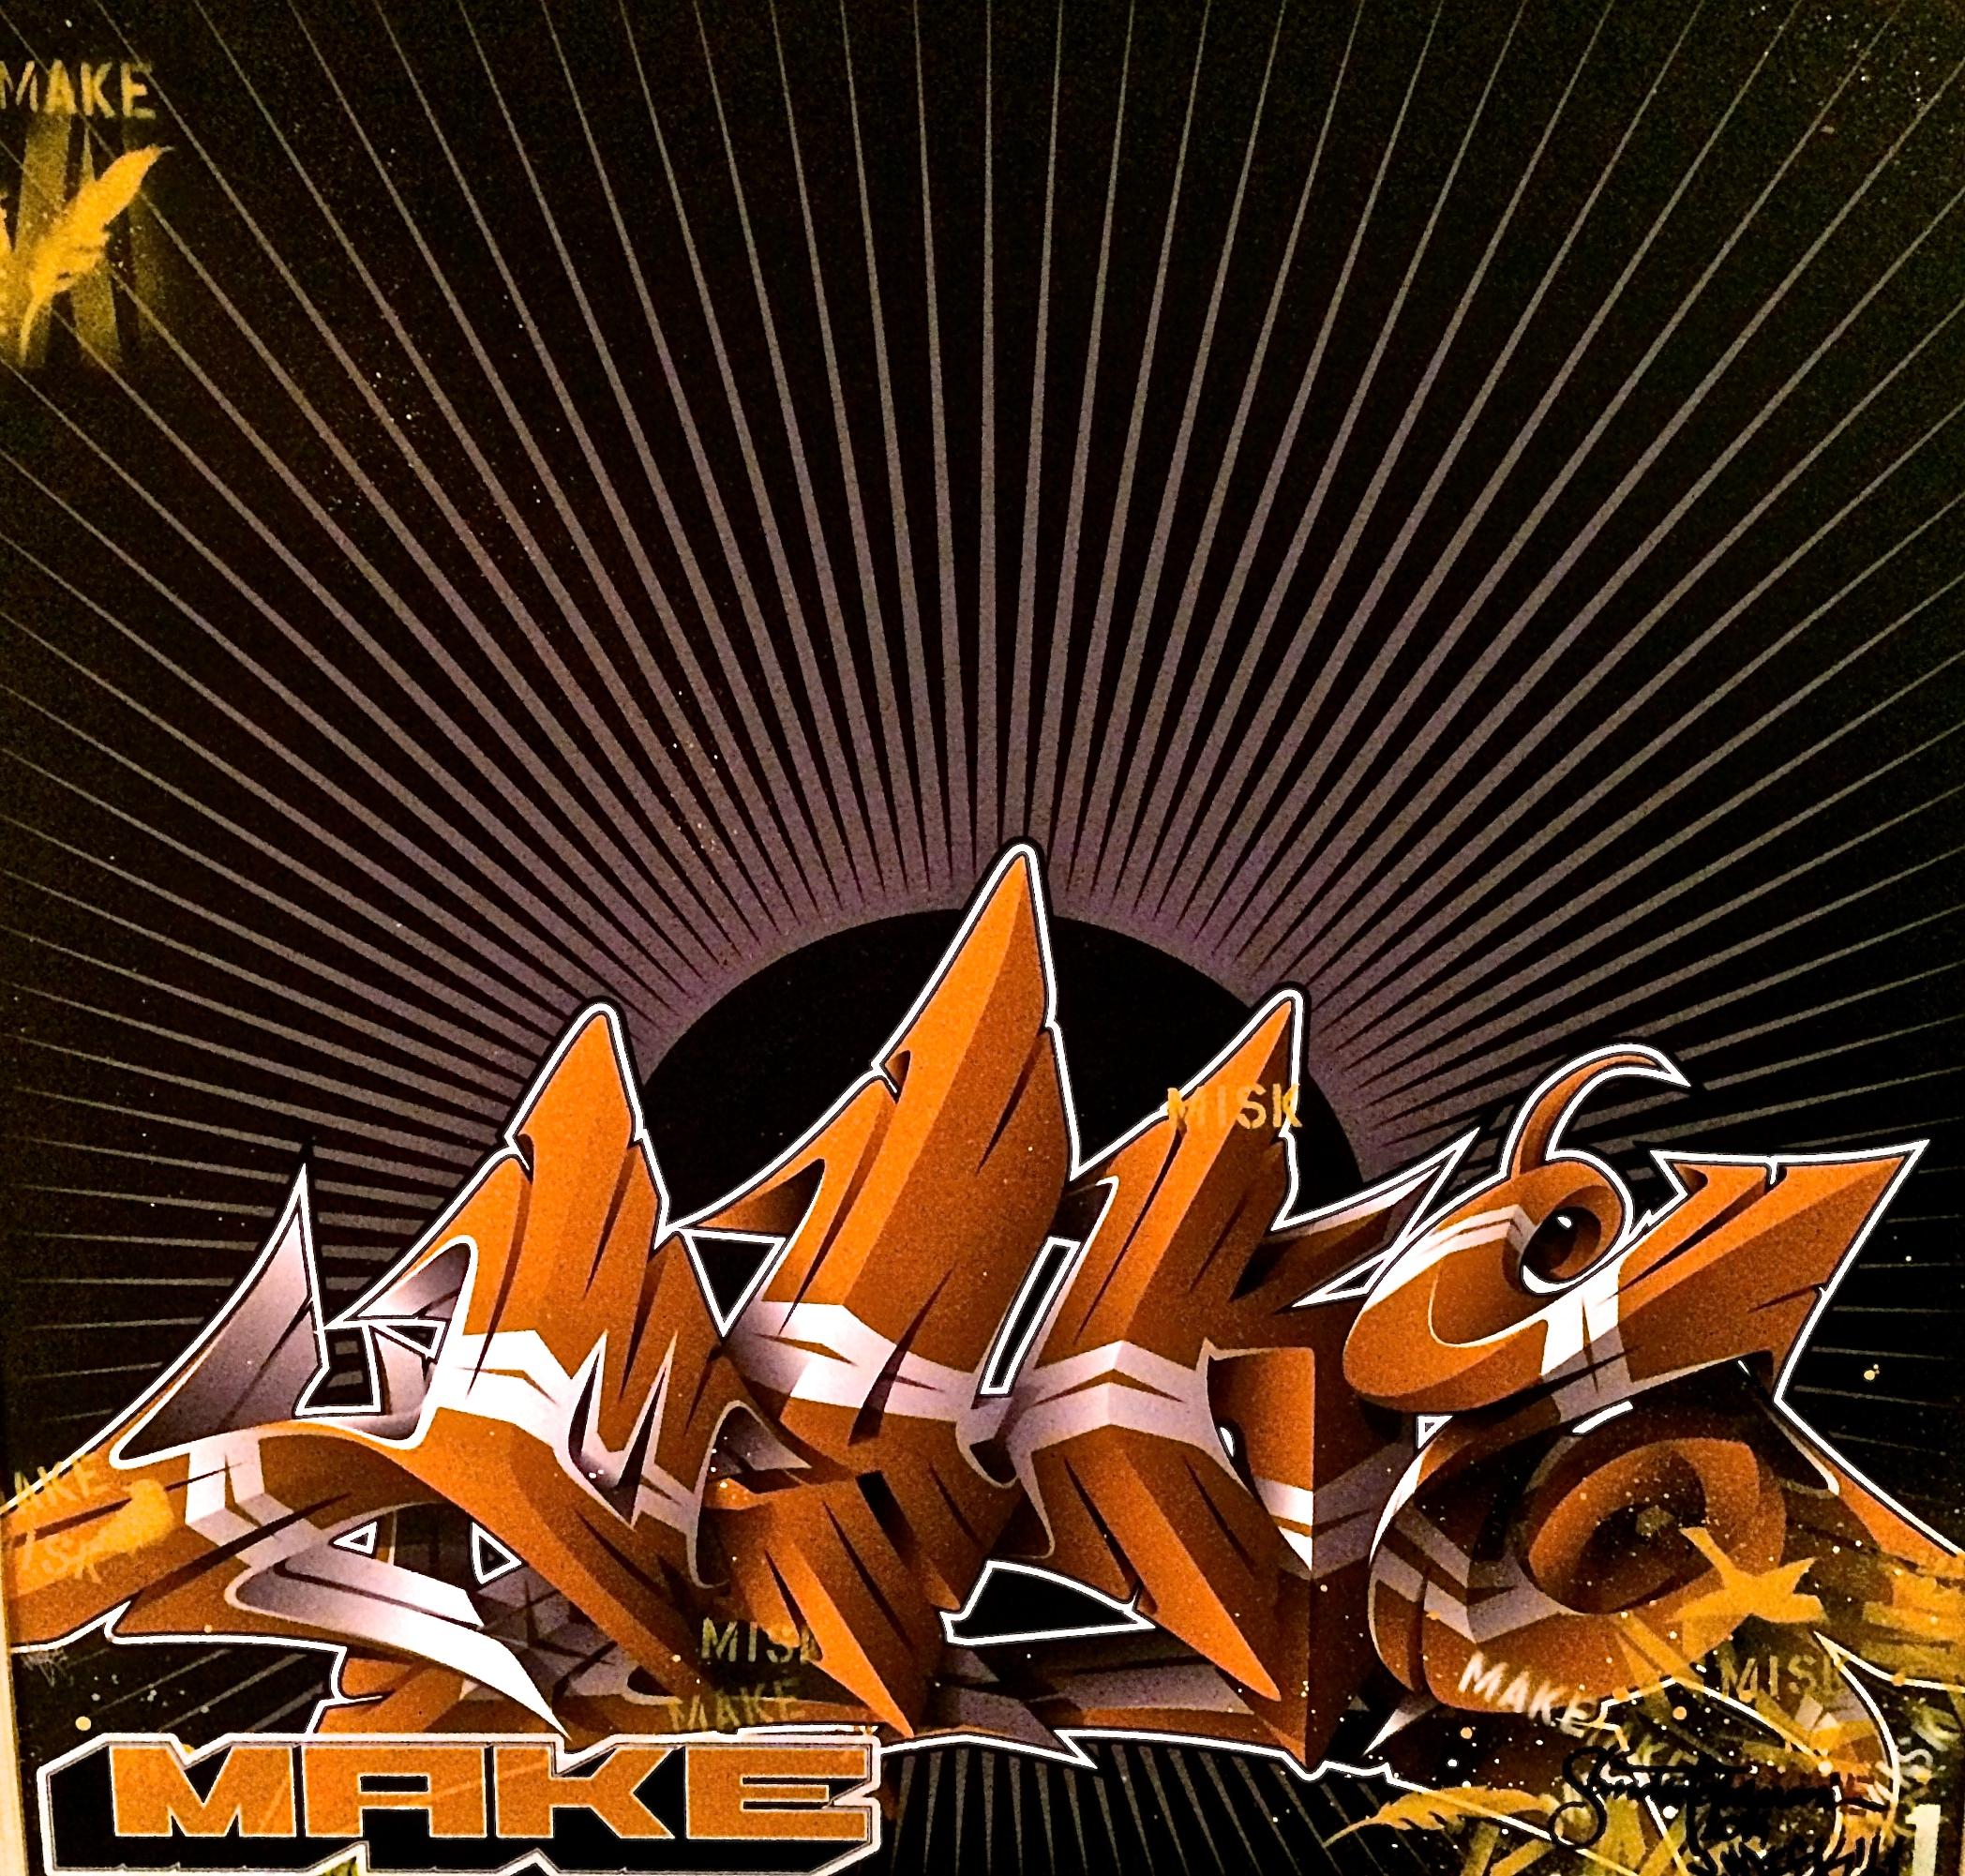 MISK_MAKE